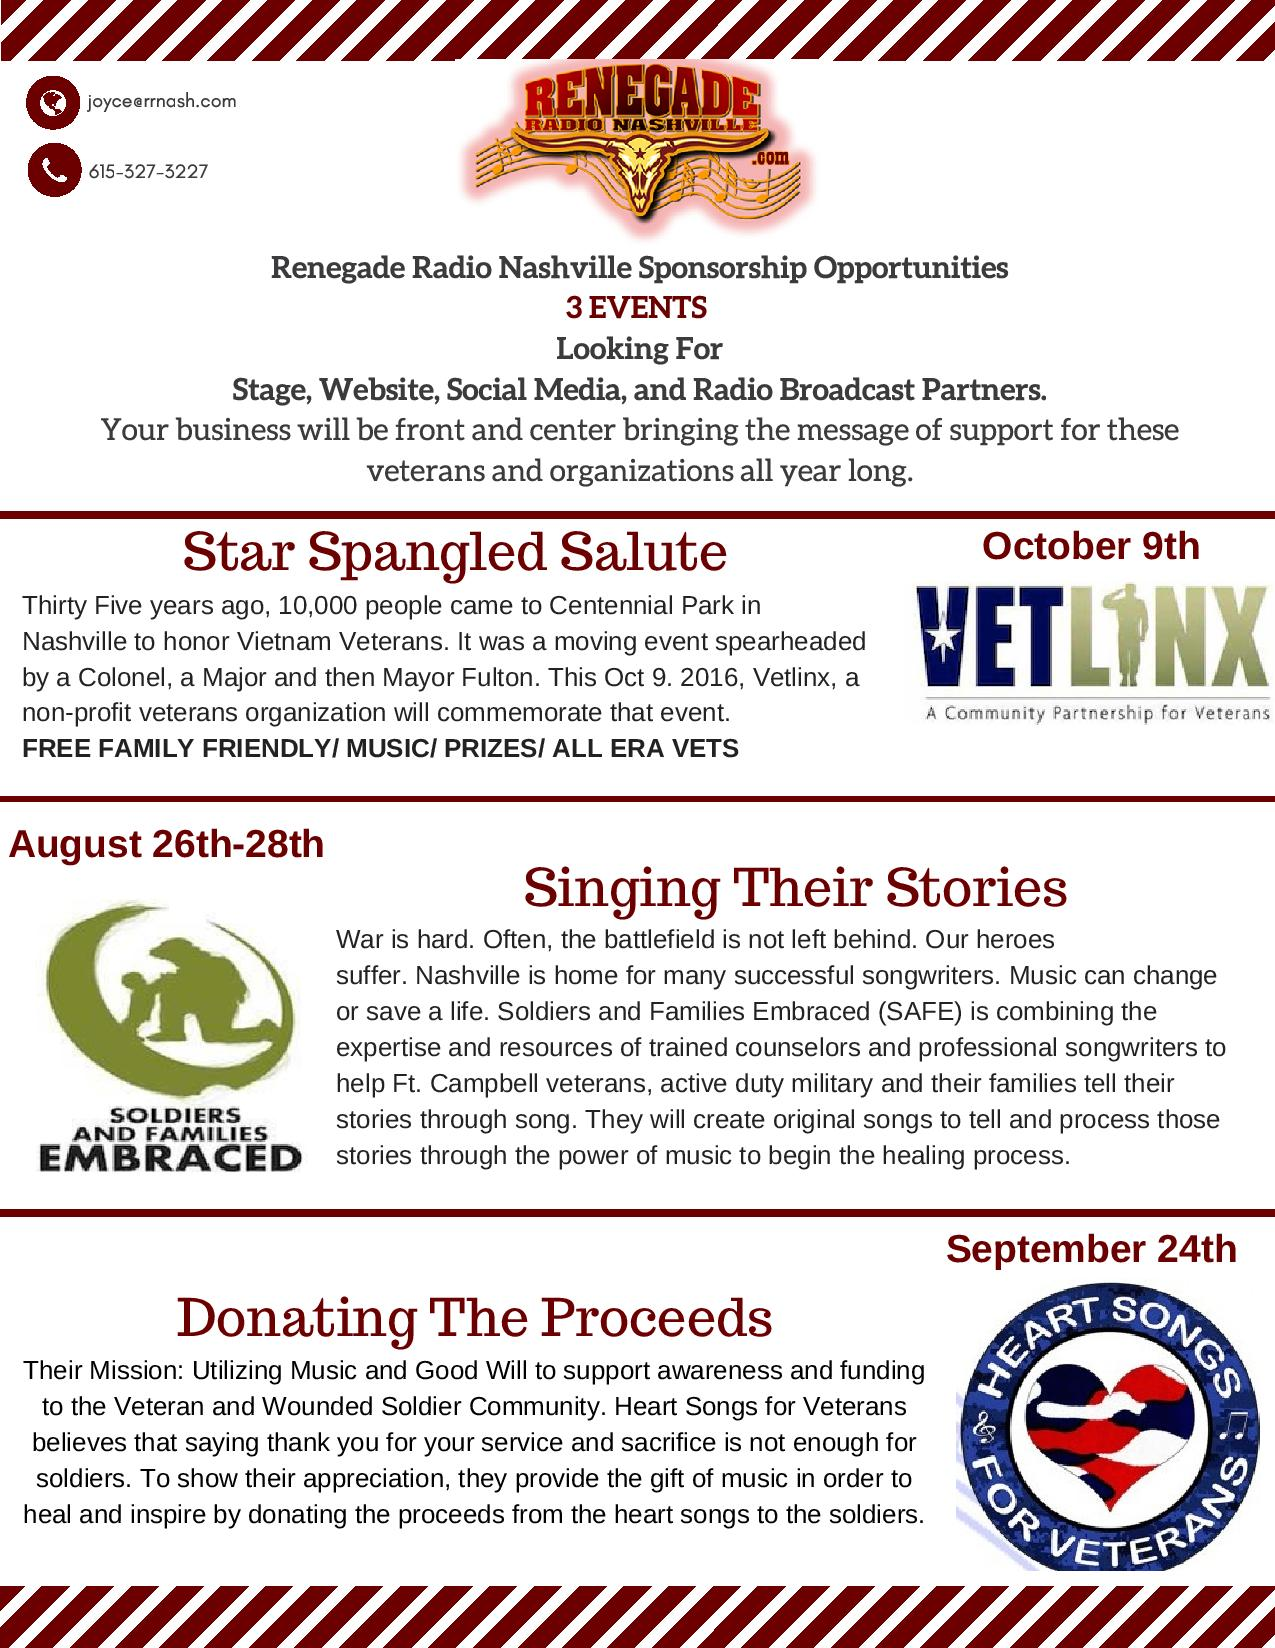 Veterans Star Spangled Salute